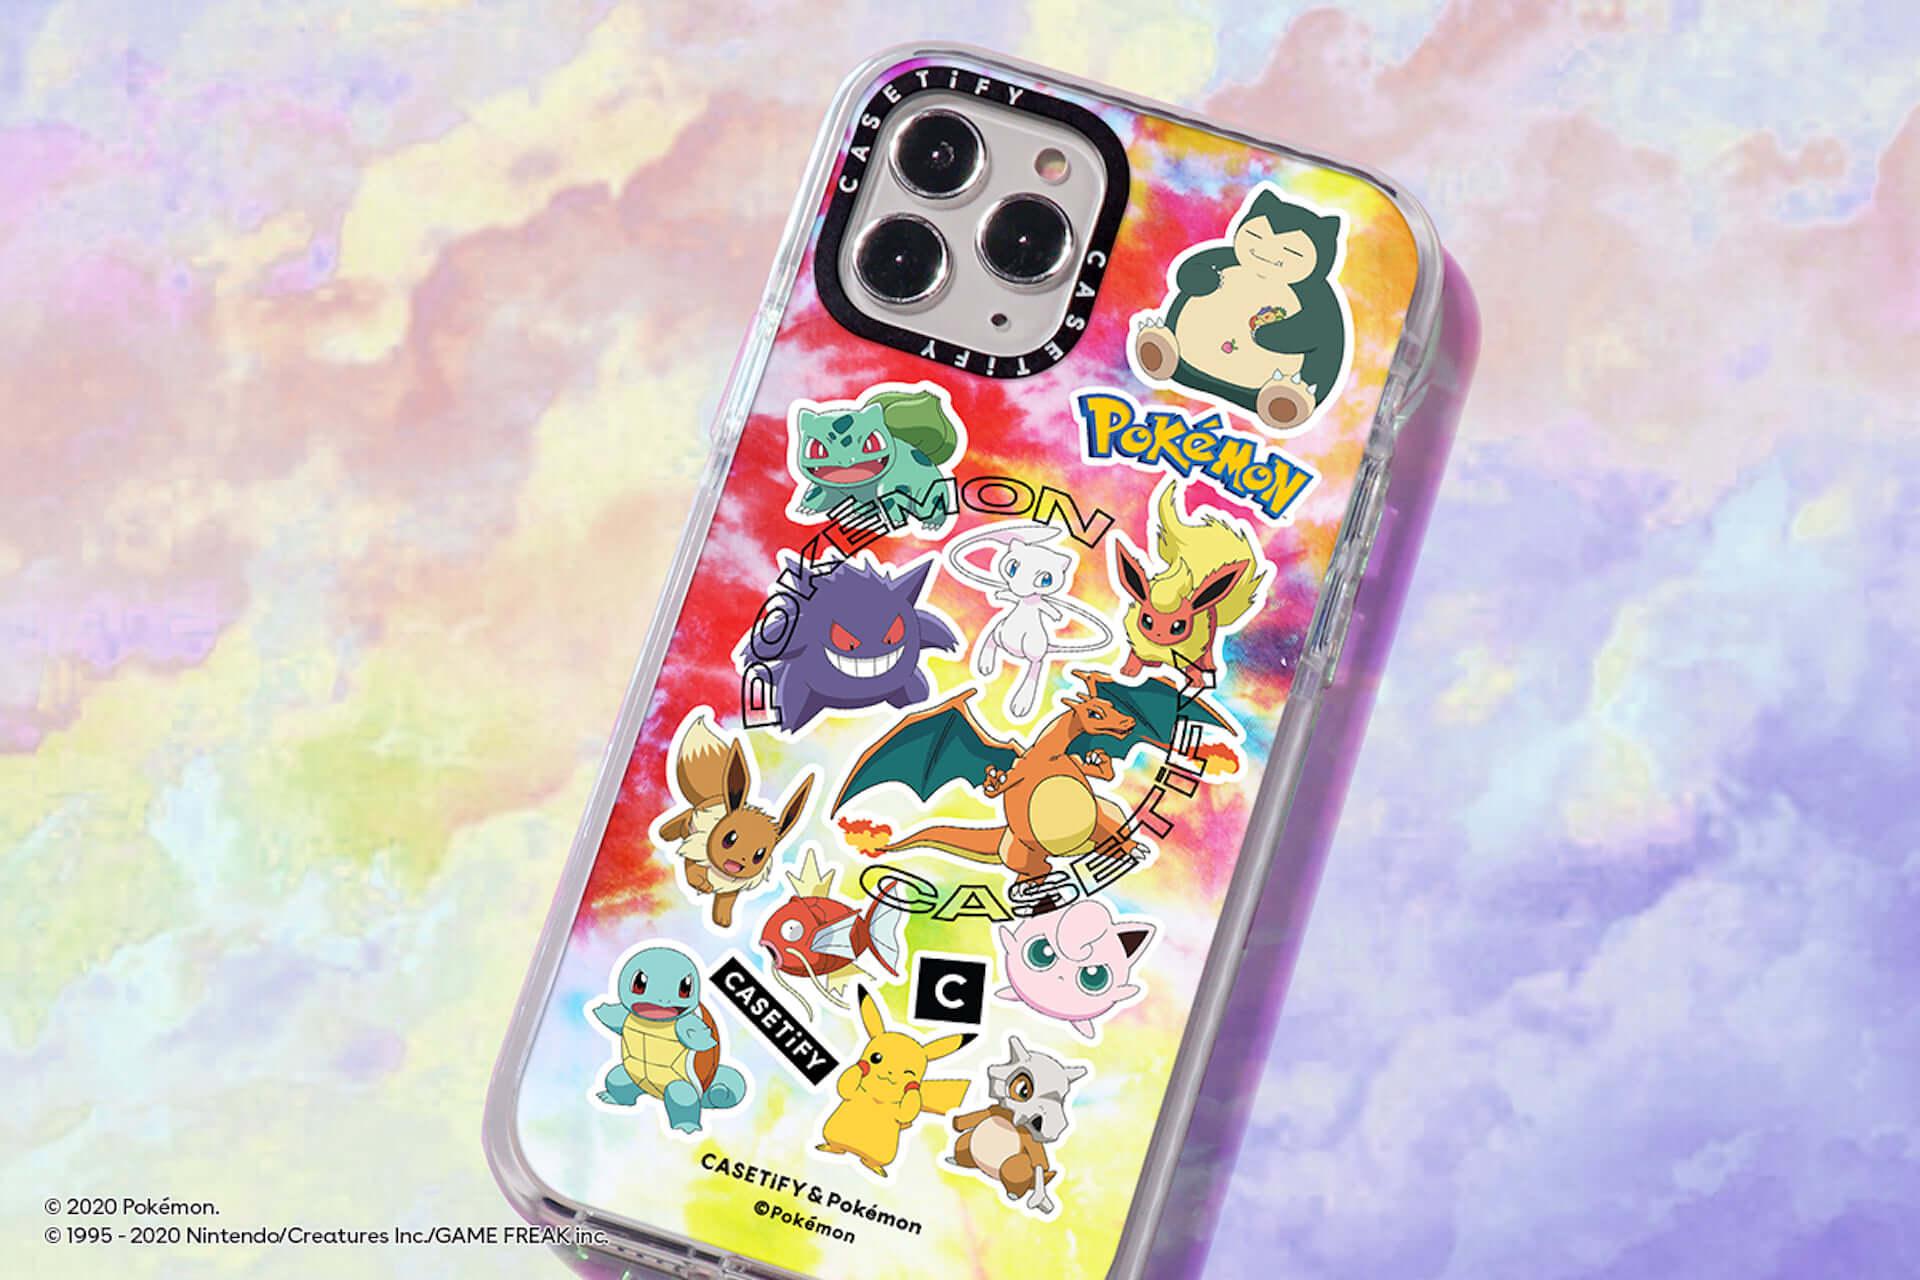 CASETiFYとポケモンの再タッグが実現!新コレクション第1弾にiPhoneケース、ワイヤレスチャージャー等が発売決定 tech200727_casetify-pokemon_7-1920x1280